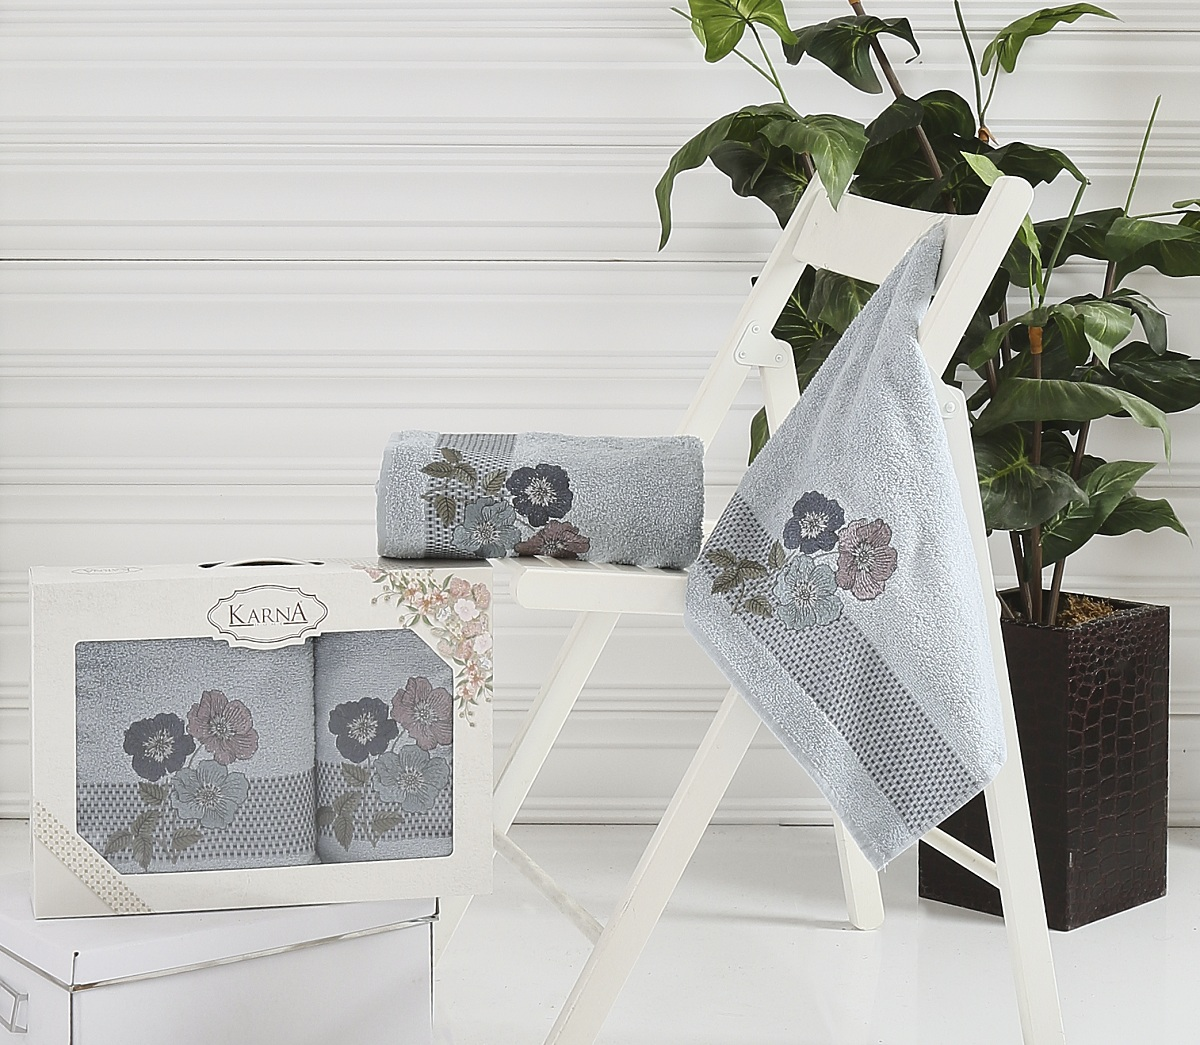 Набор полотенец Karna Sandy, цвет: стоне, 50 х 90 см, 70 х 140 см, 2 шт